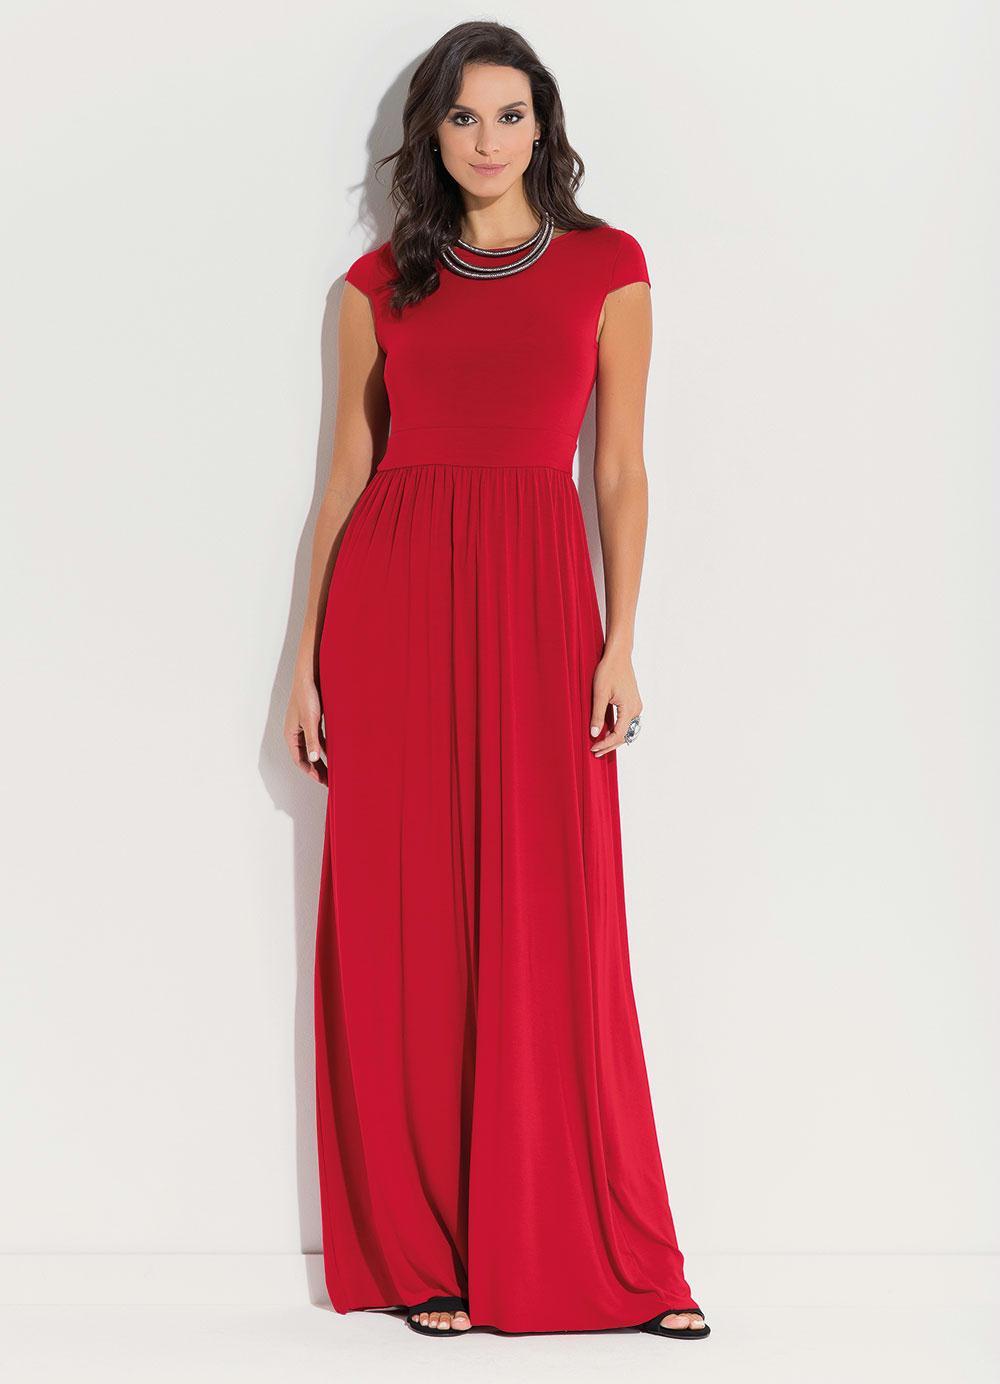 4f5fa66b2 Vestido Longo Vermelho com Manga Curta - Quintess